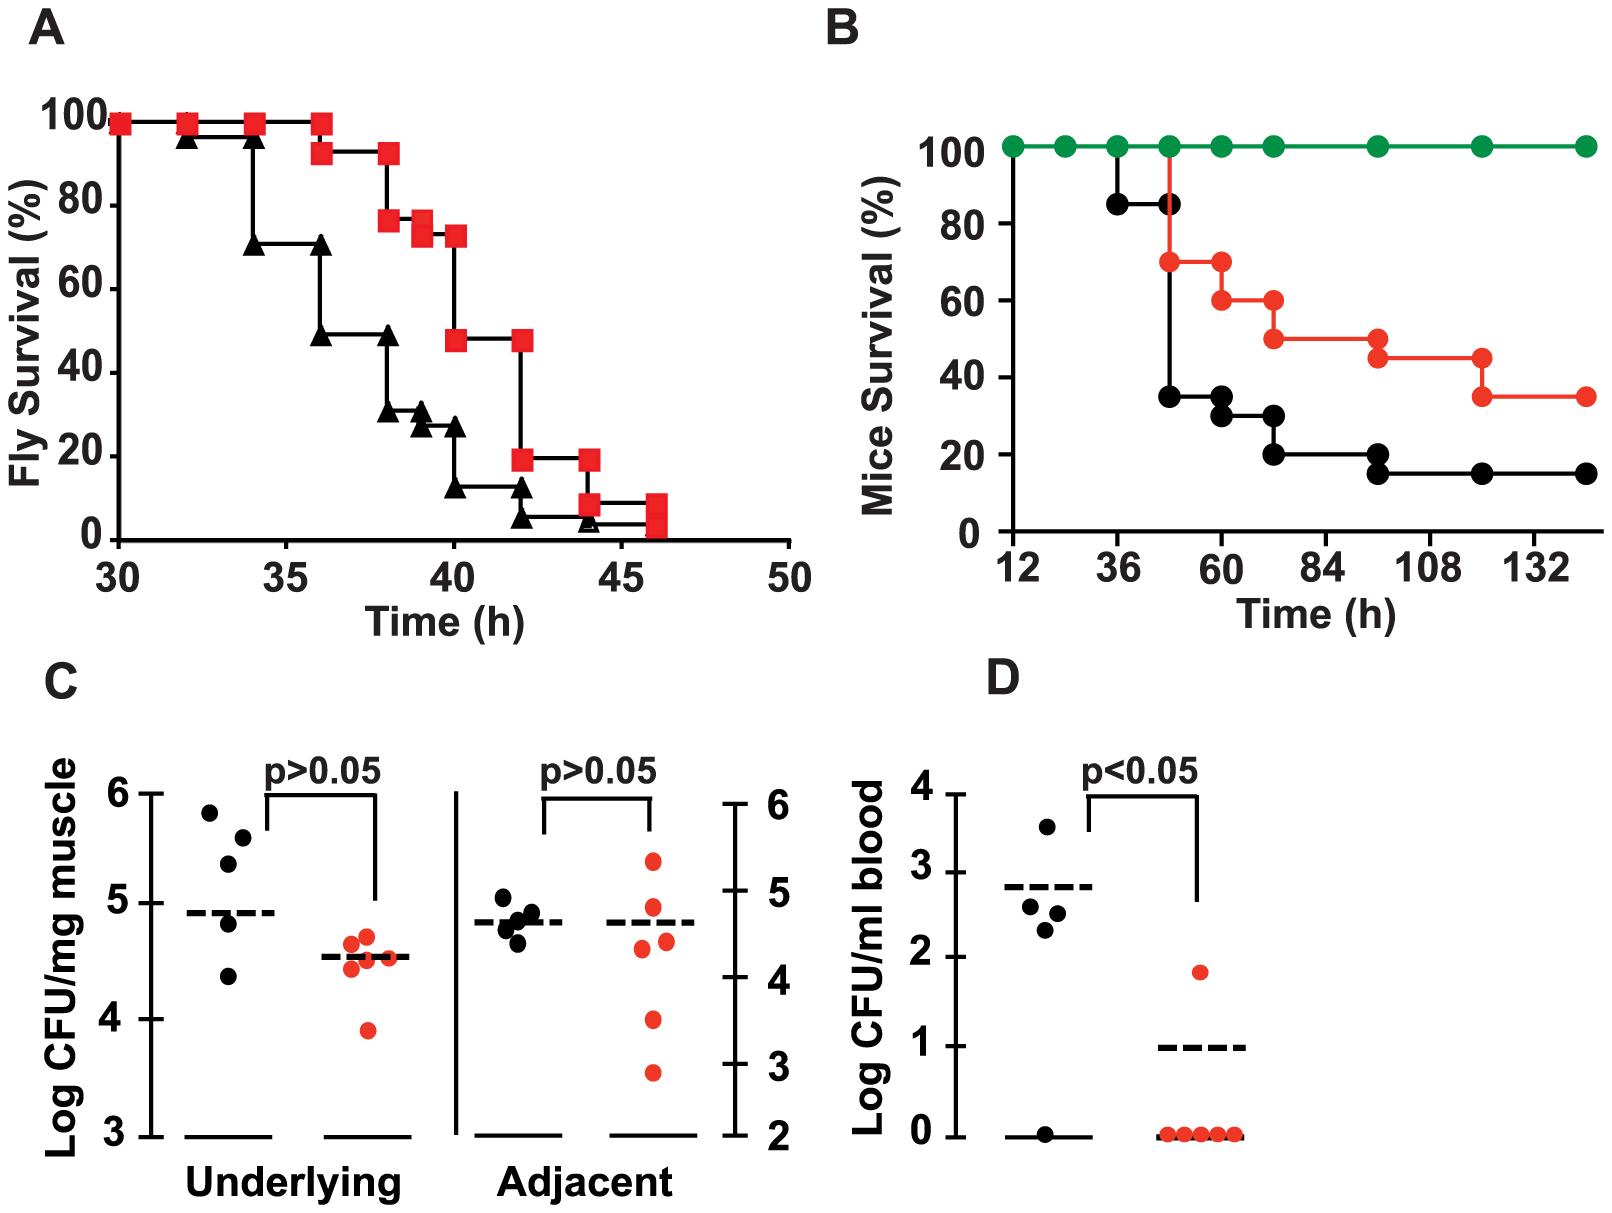 2-AA reduces <i>P. aeruginosa</i> virulence.